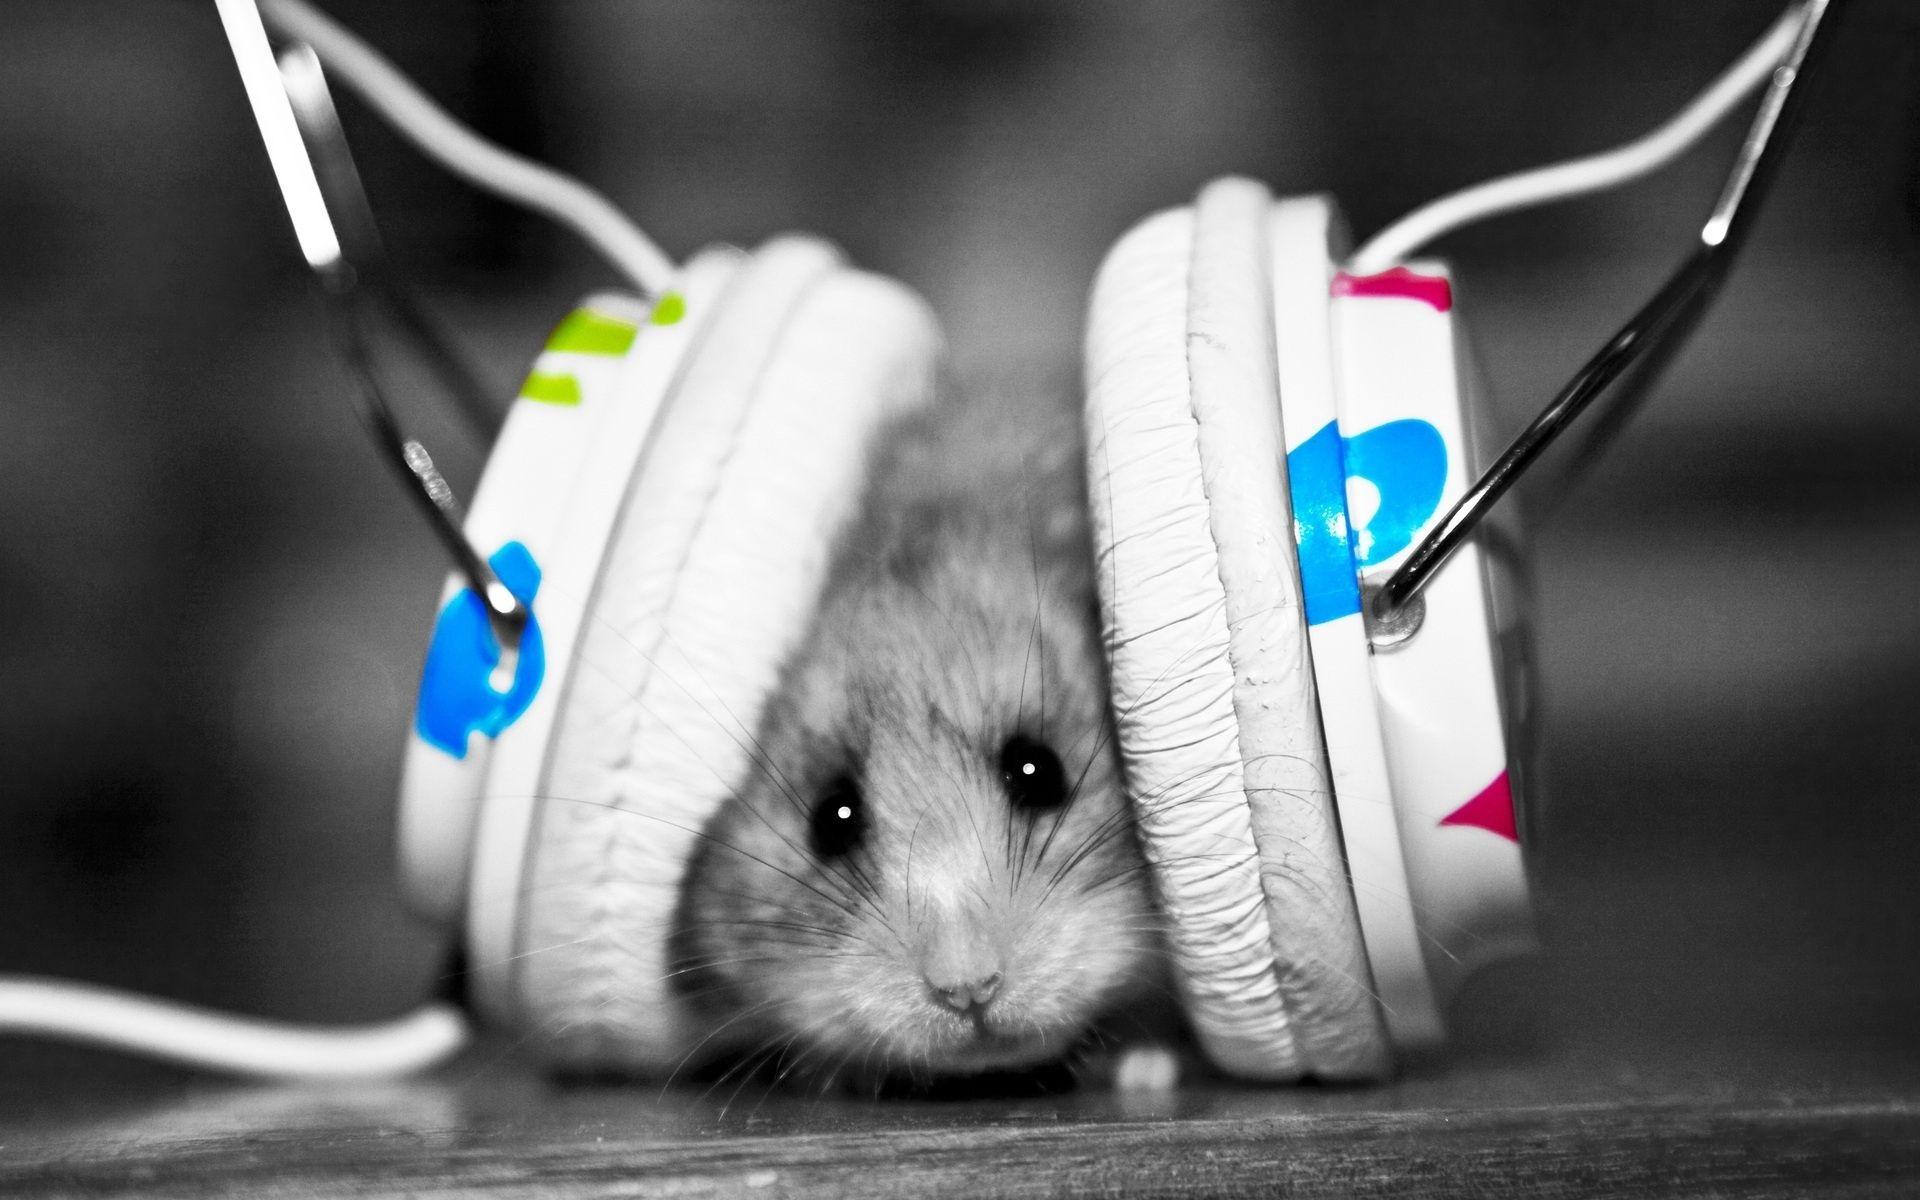 Download Wallpaper Funny Music Fan Music Little Hamster Hd Background Wallpaper Hd Musik